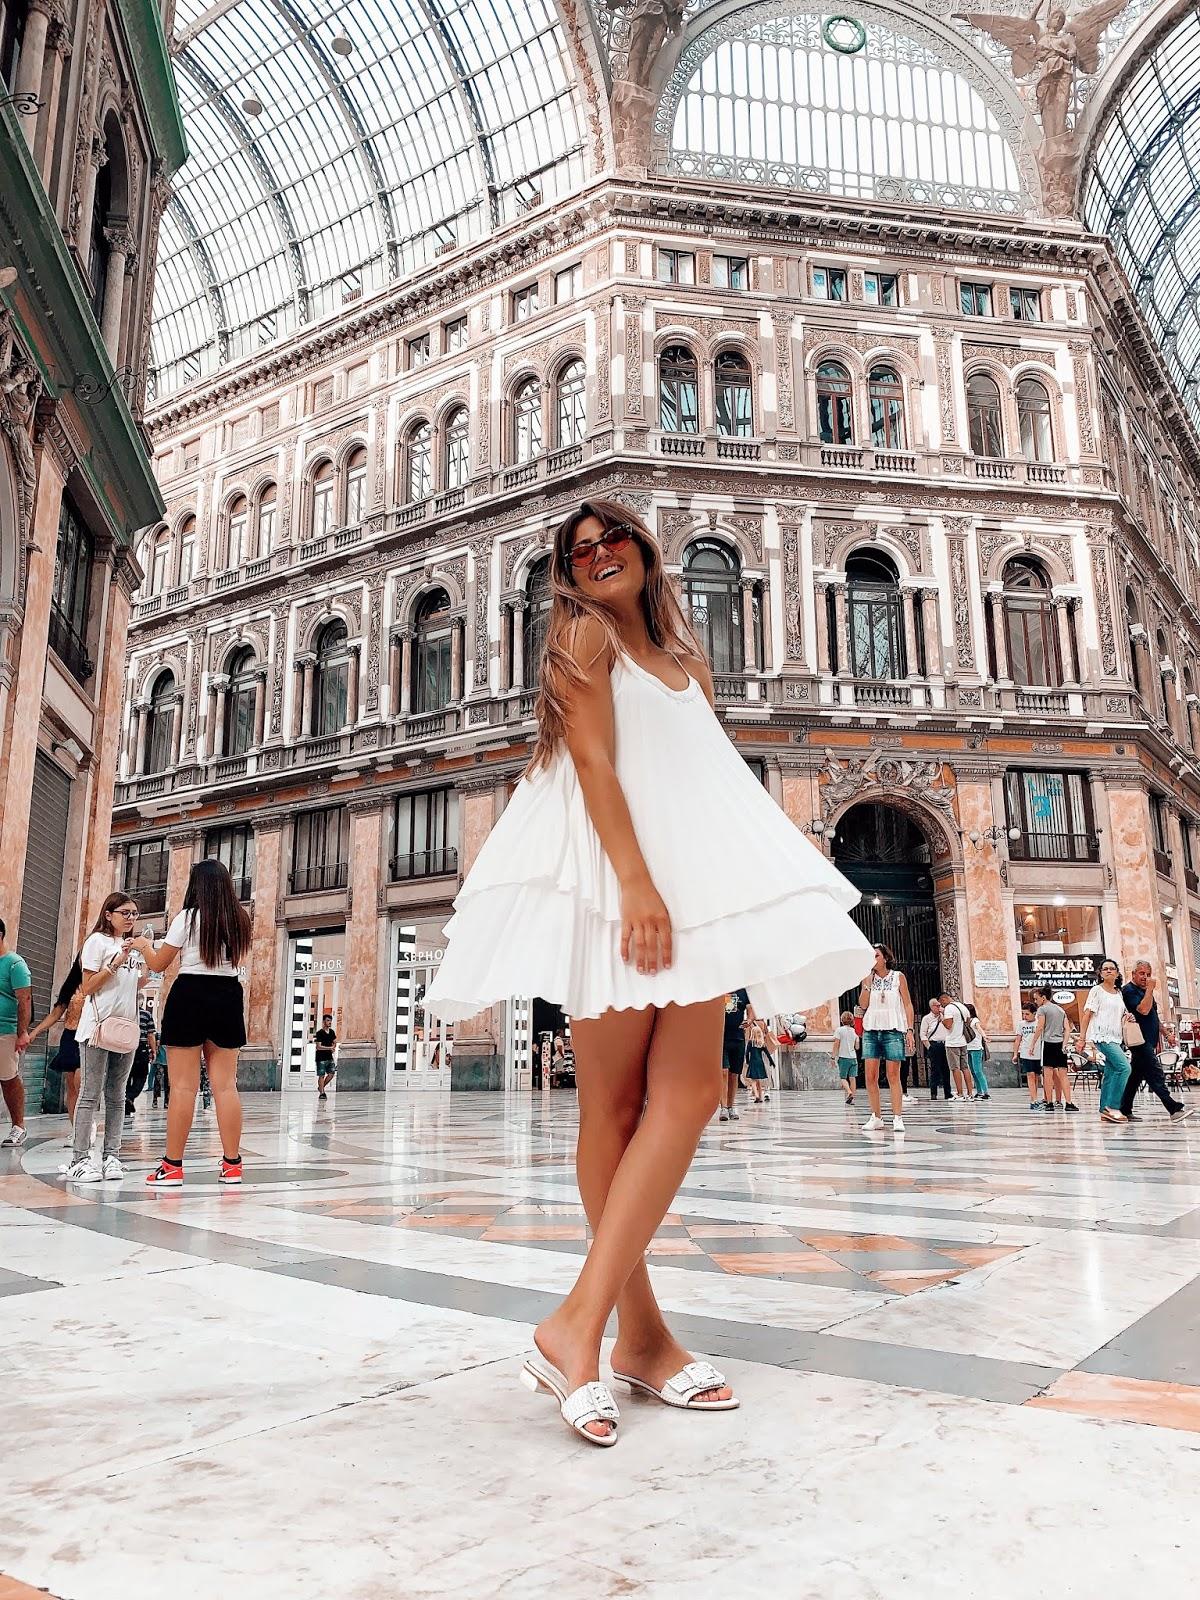 Uma aventura por Nápoles